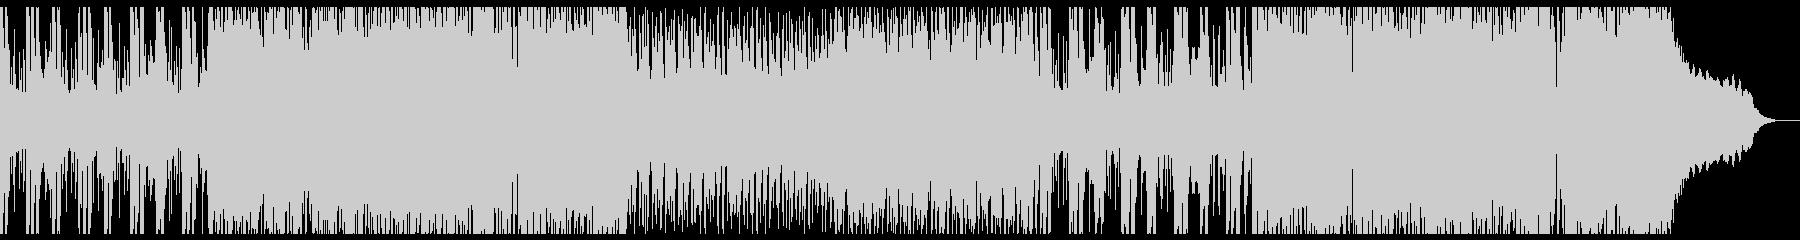 ヘヴィなリフのインダストリアルロックの未再生の波形